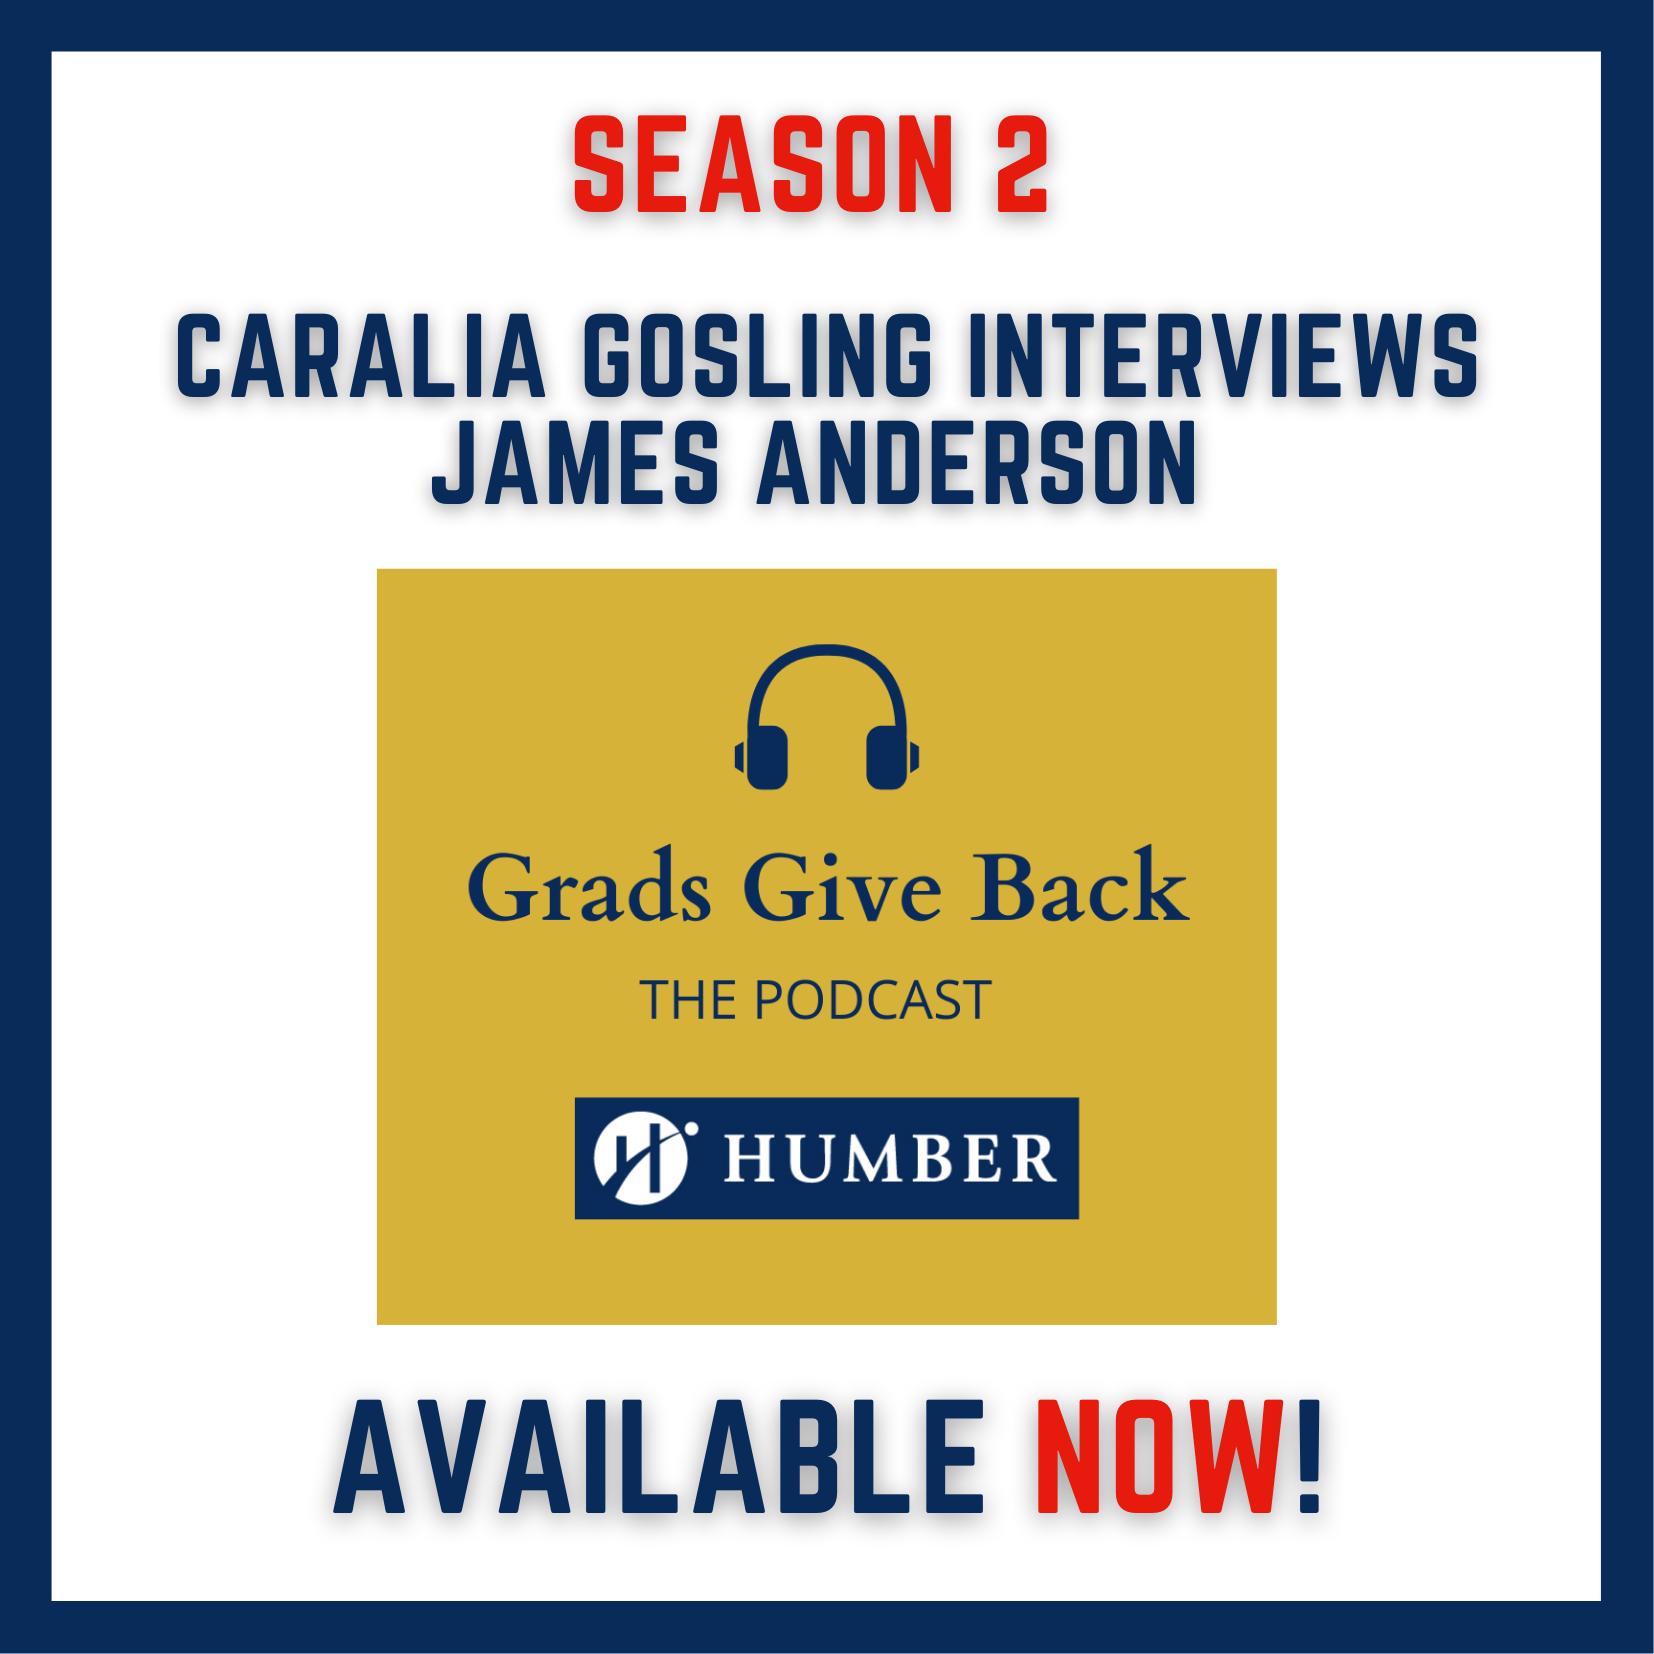 Grads Give Back podcast image